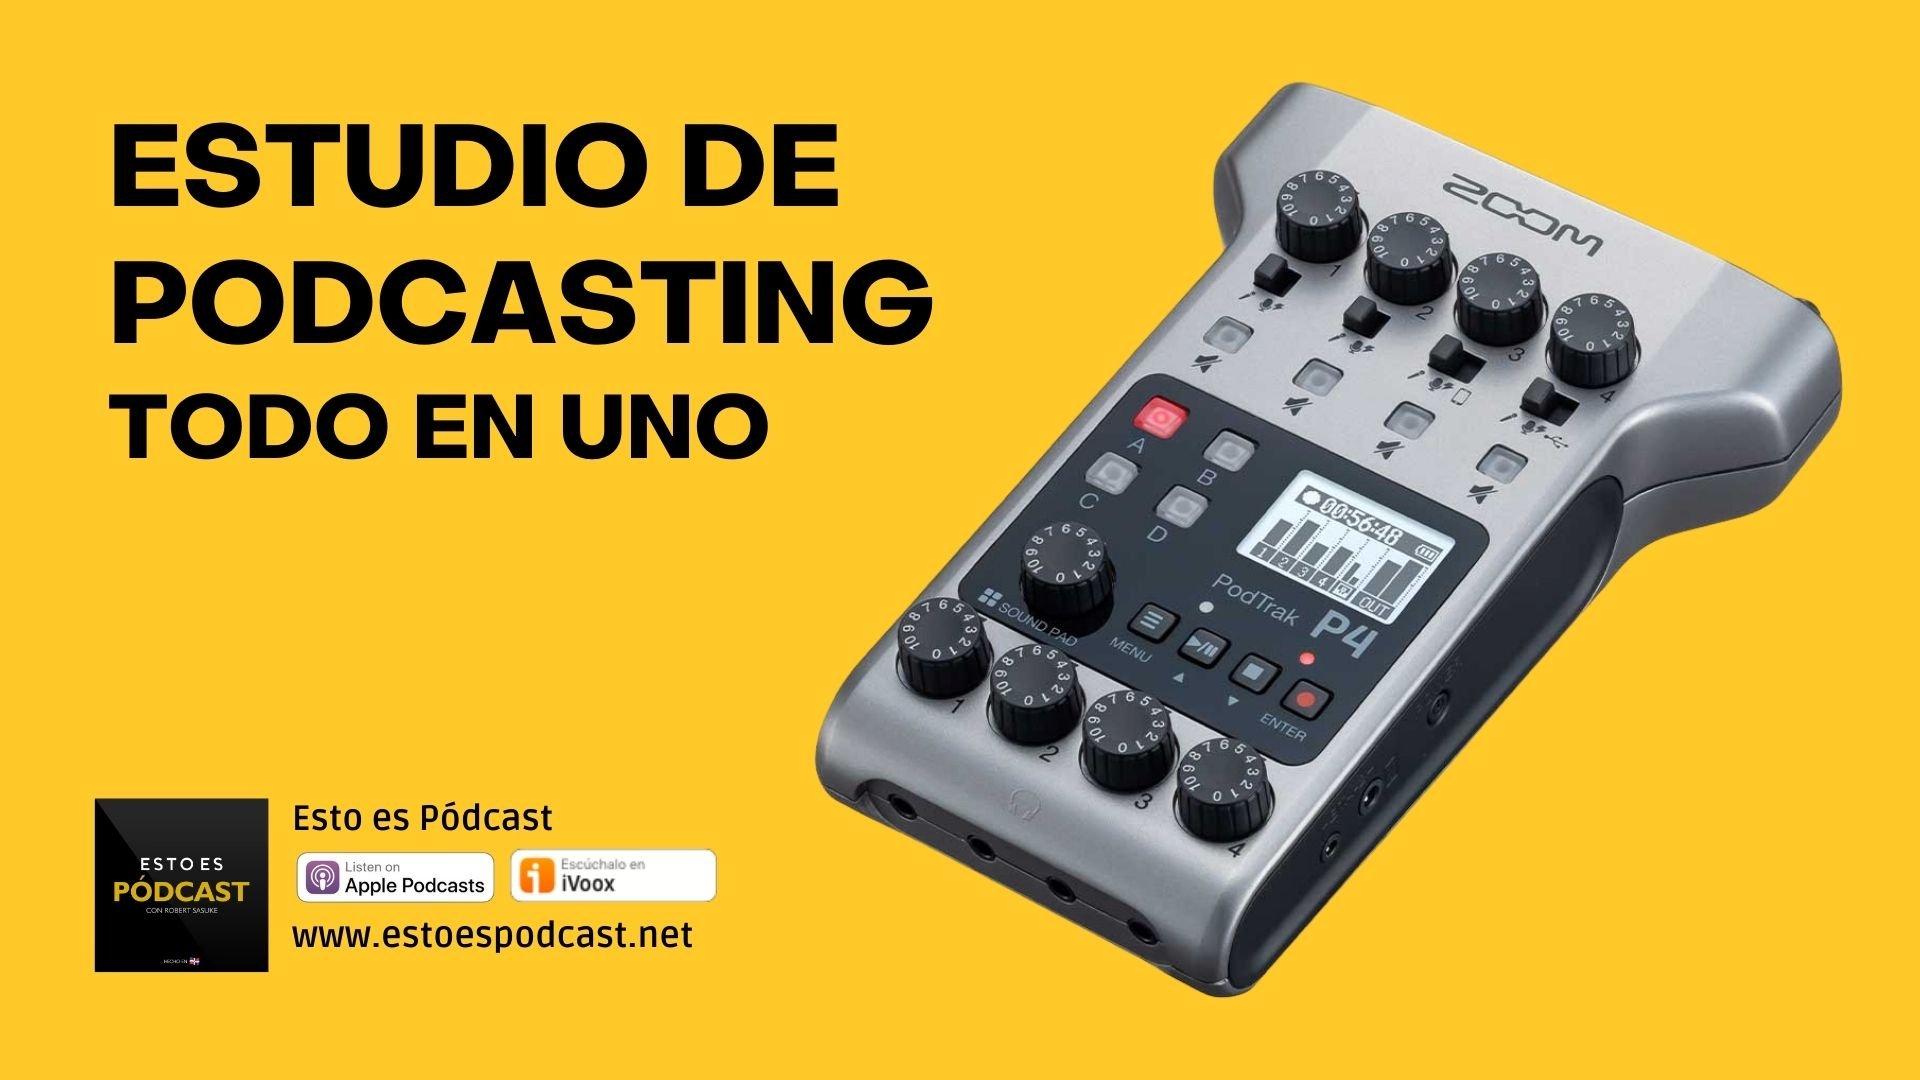 Estudio de podcasting todo en uno: Zoom Podtrak P4